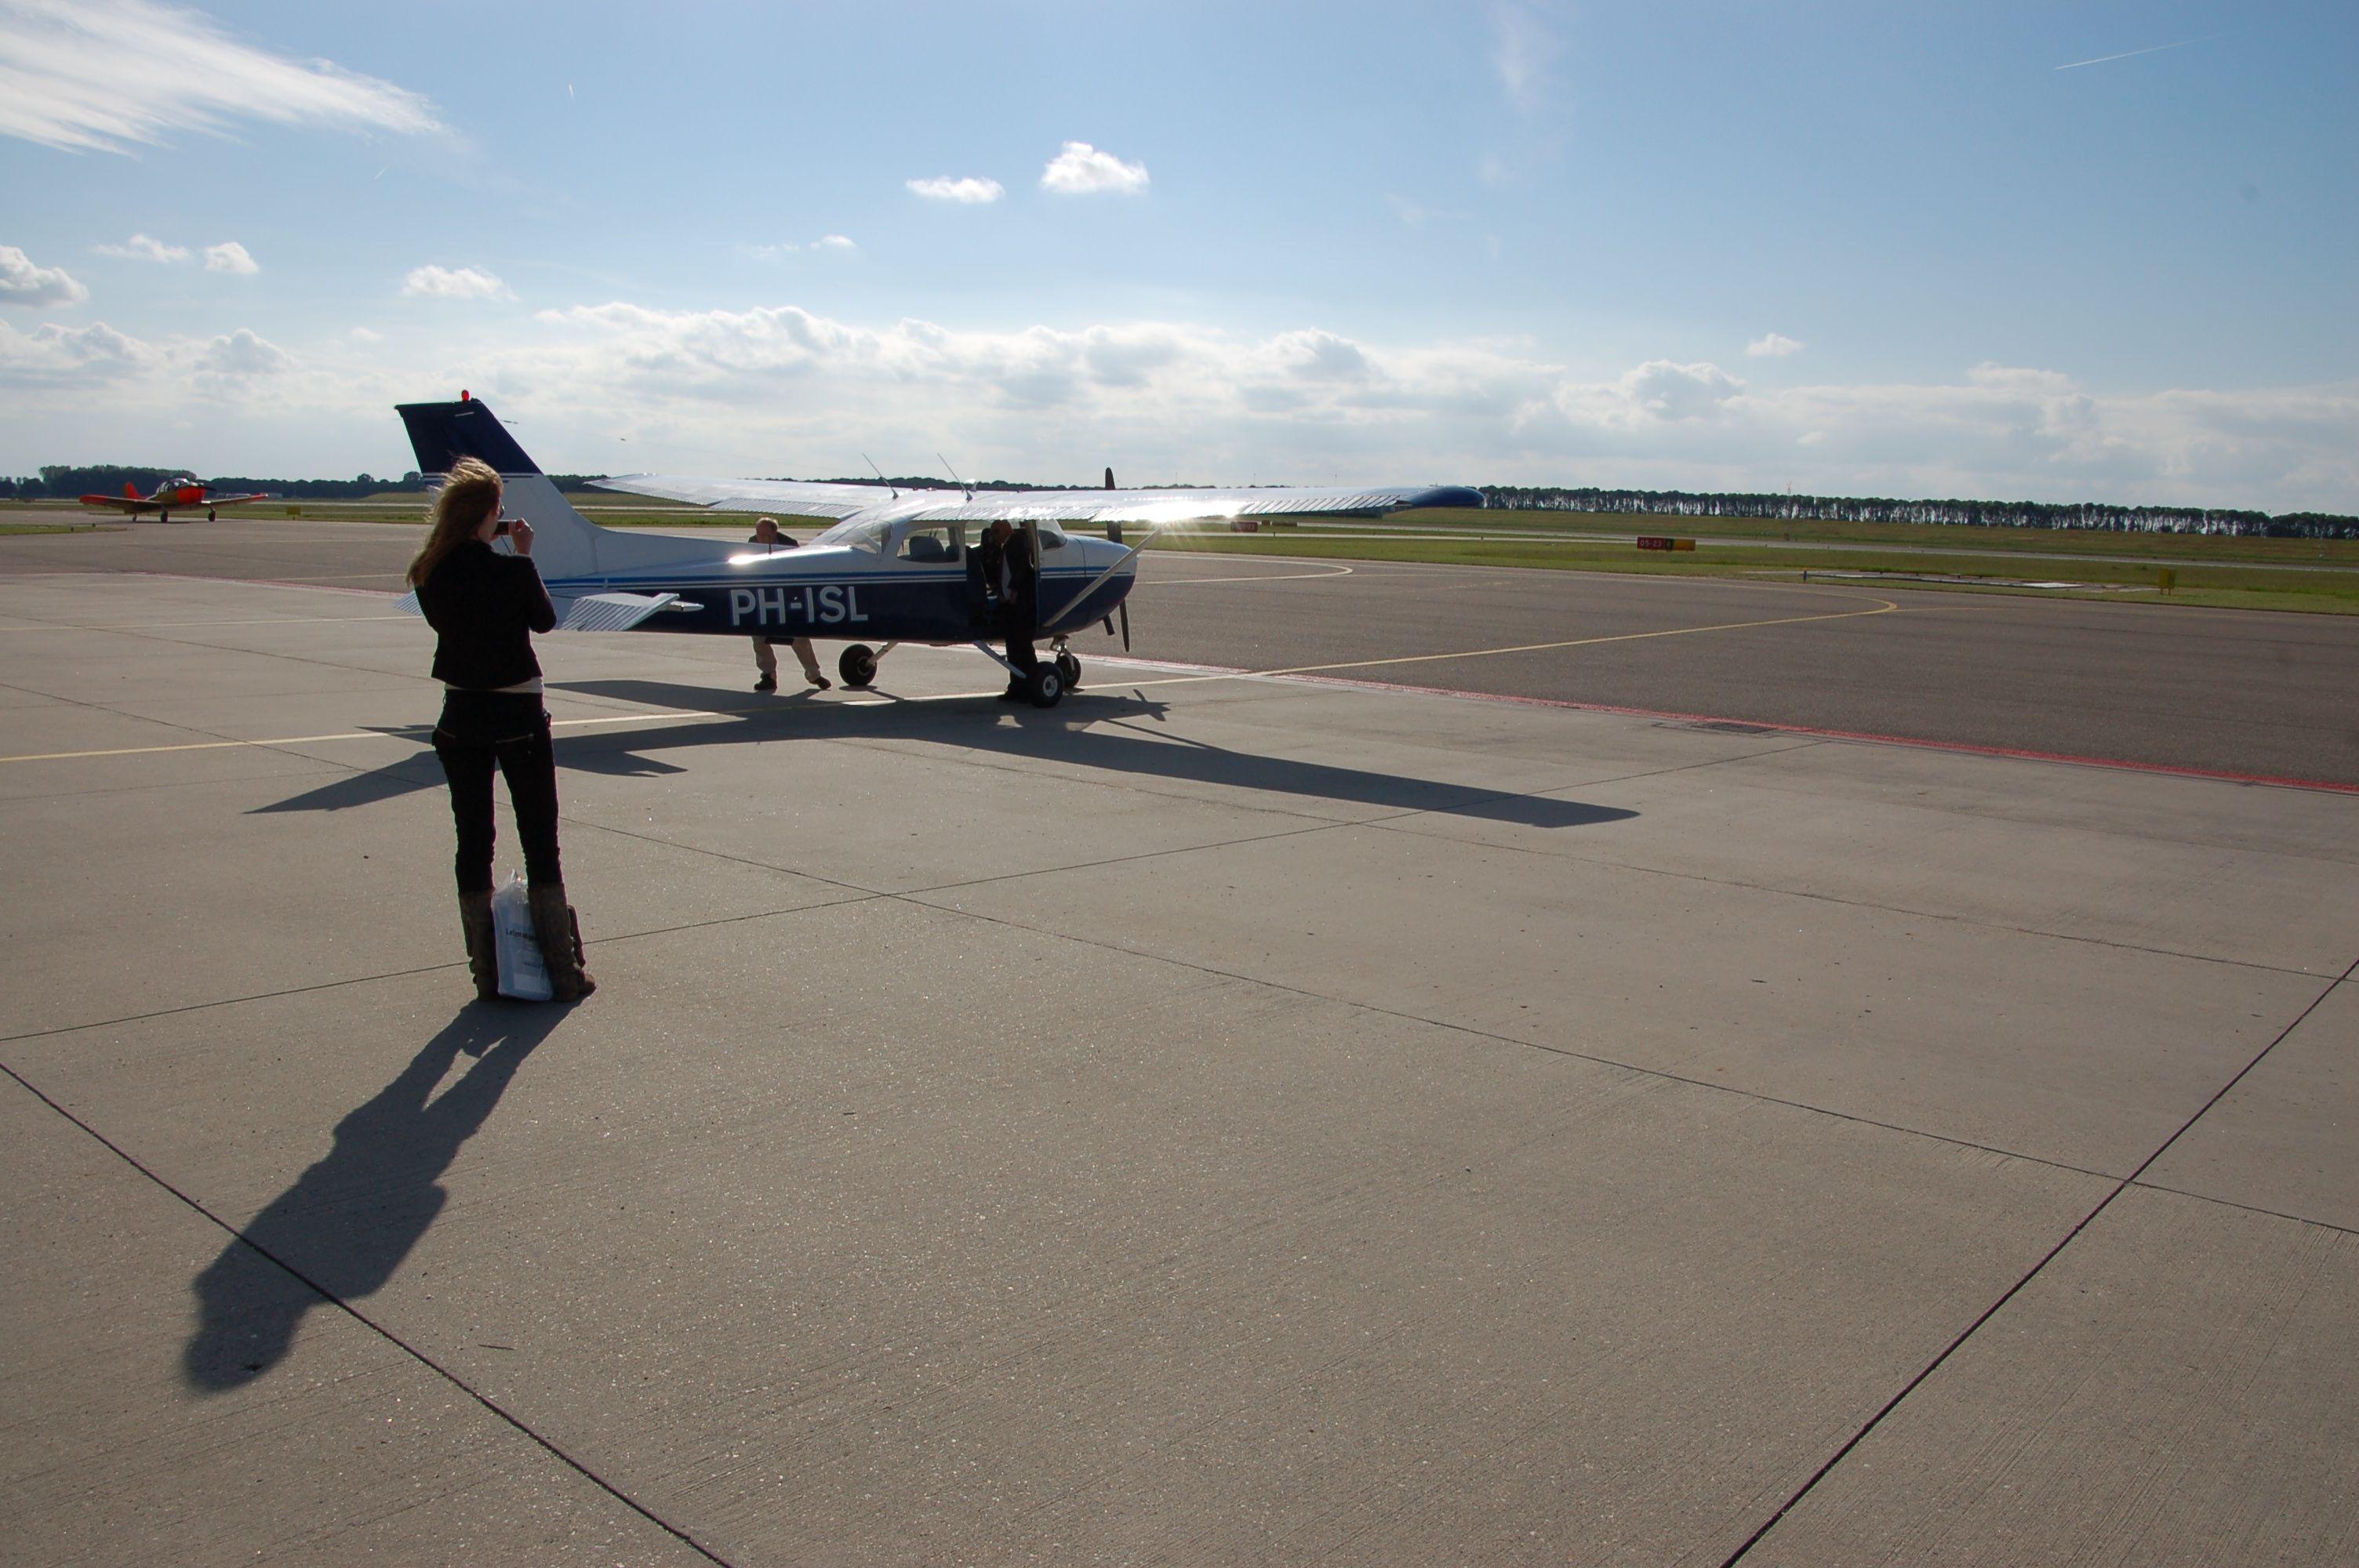 Boarding completed: Diesmal ist eine Cessna 172